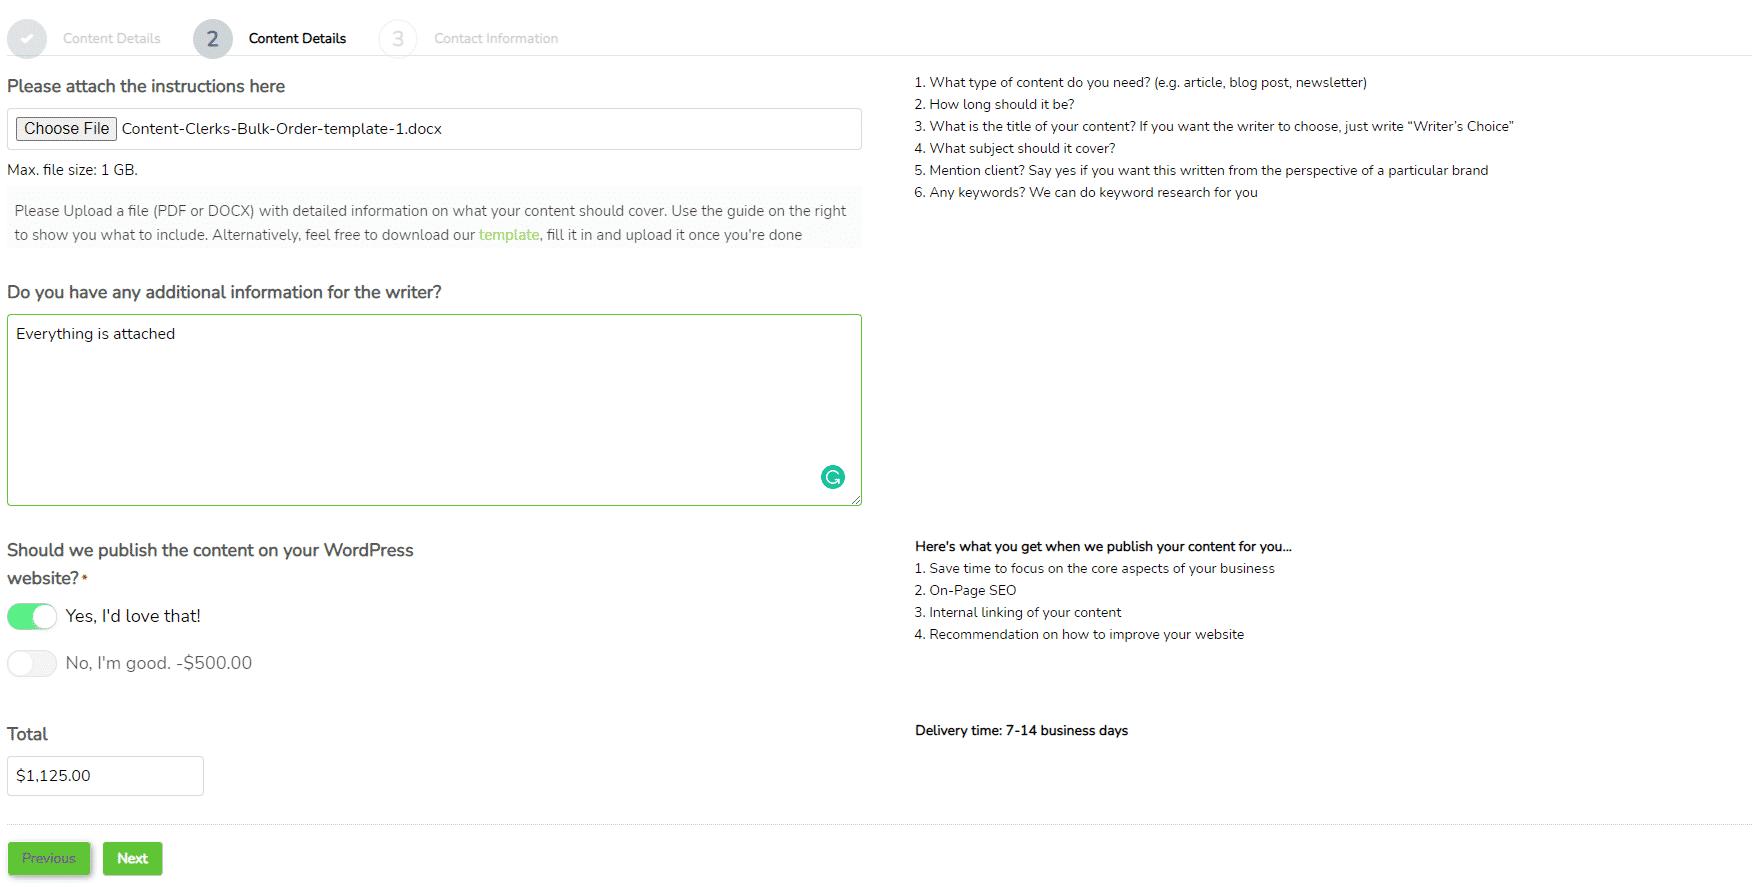 buy articles in bulk screenshot- Order process step 2